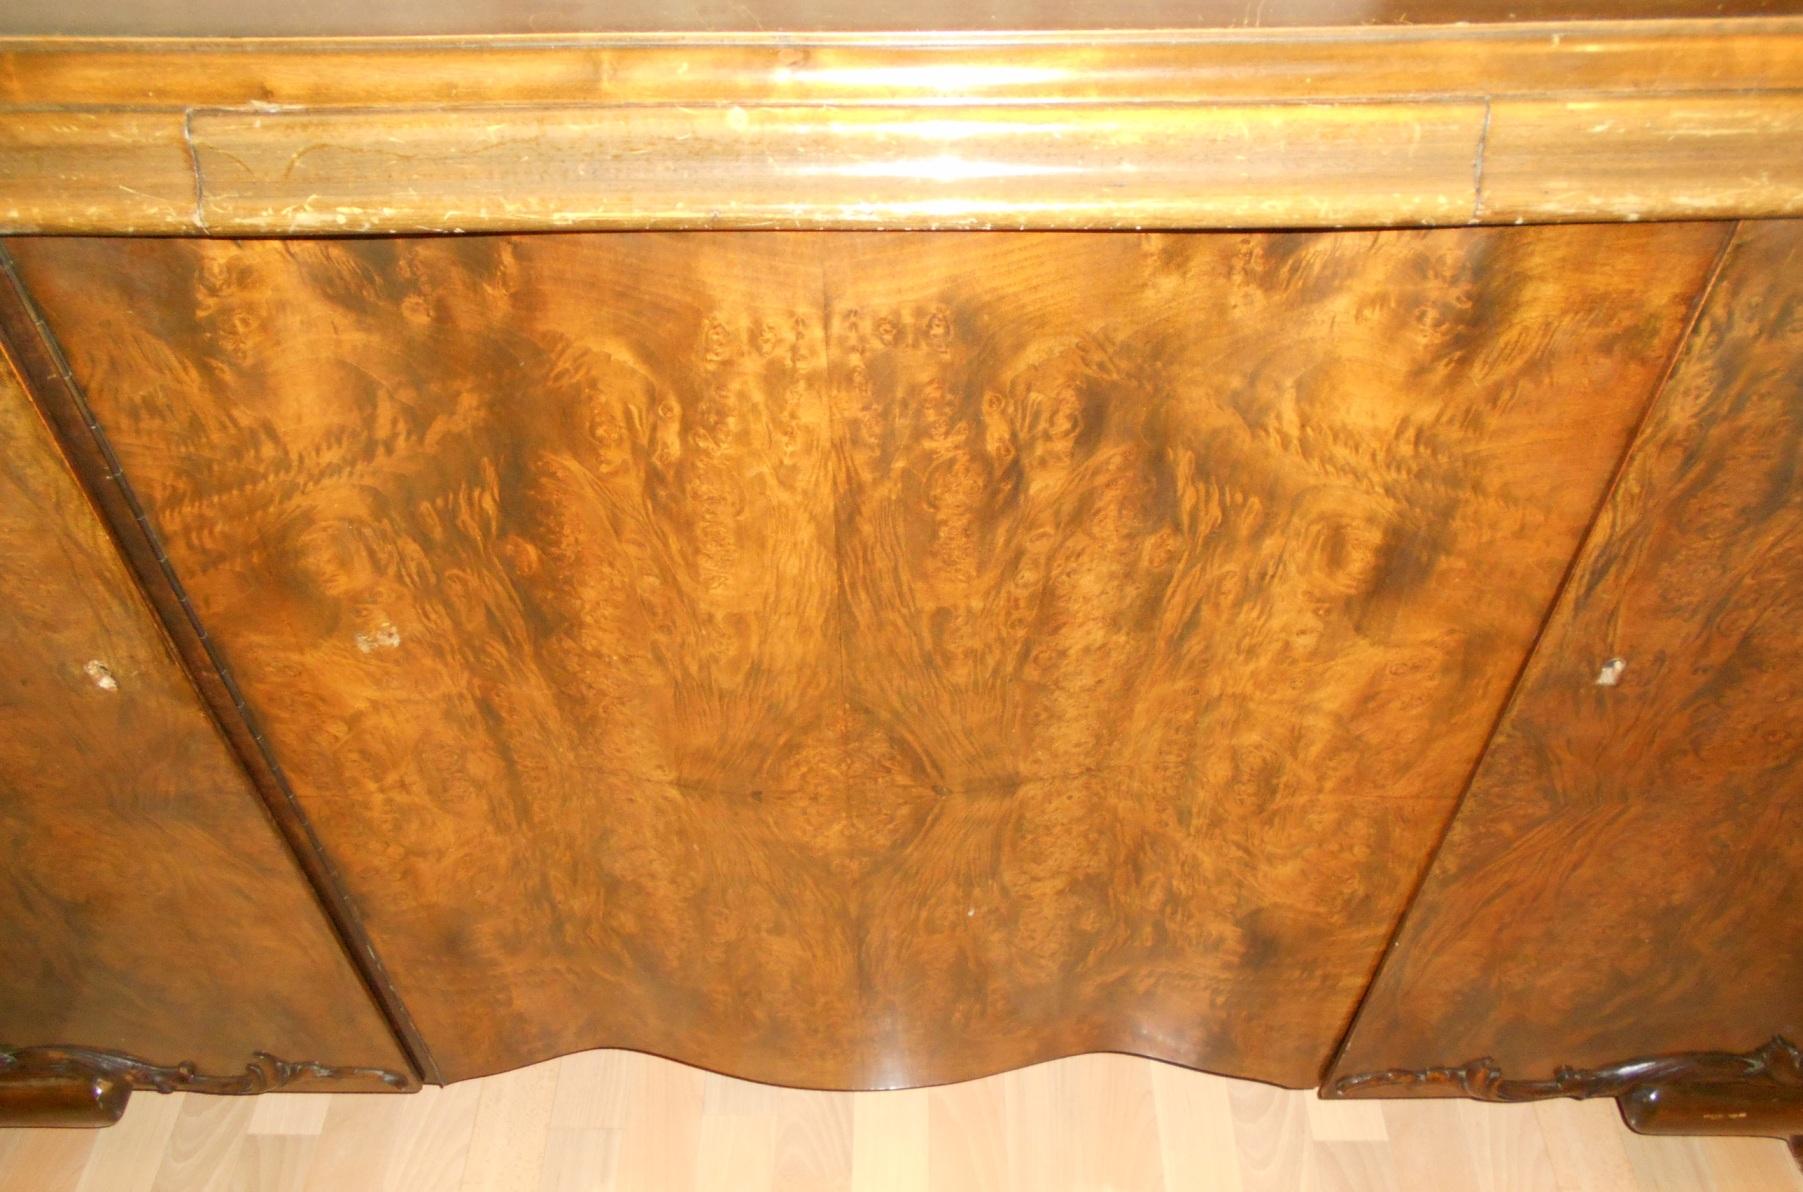 sideboard antik jugendstil art deco kommode schreibtisch funktion massiv holz ebay. Black Bedroom Furniture Sets. Home Design Ideas